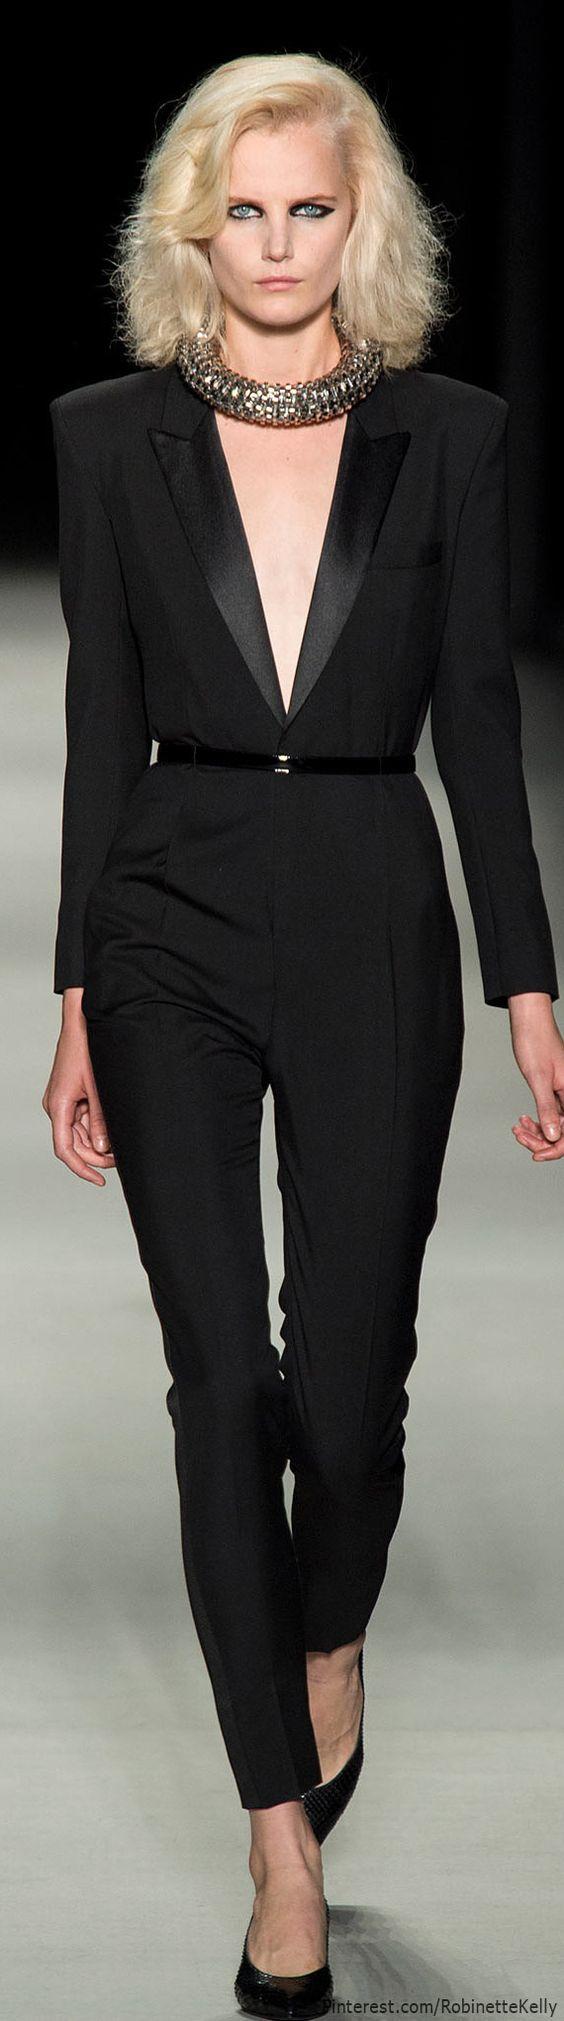 Saint Laurent | S/S 2014  Repinned by www.fashion.net: